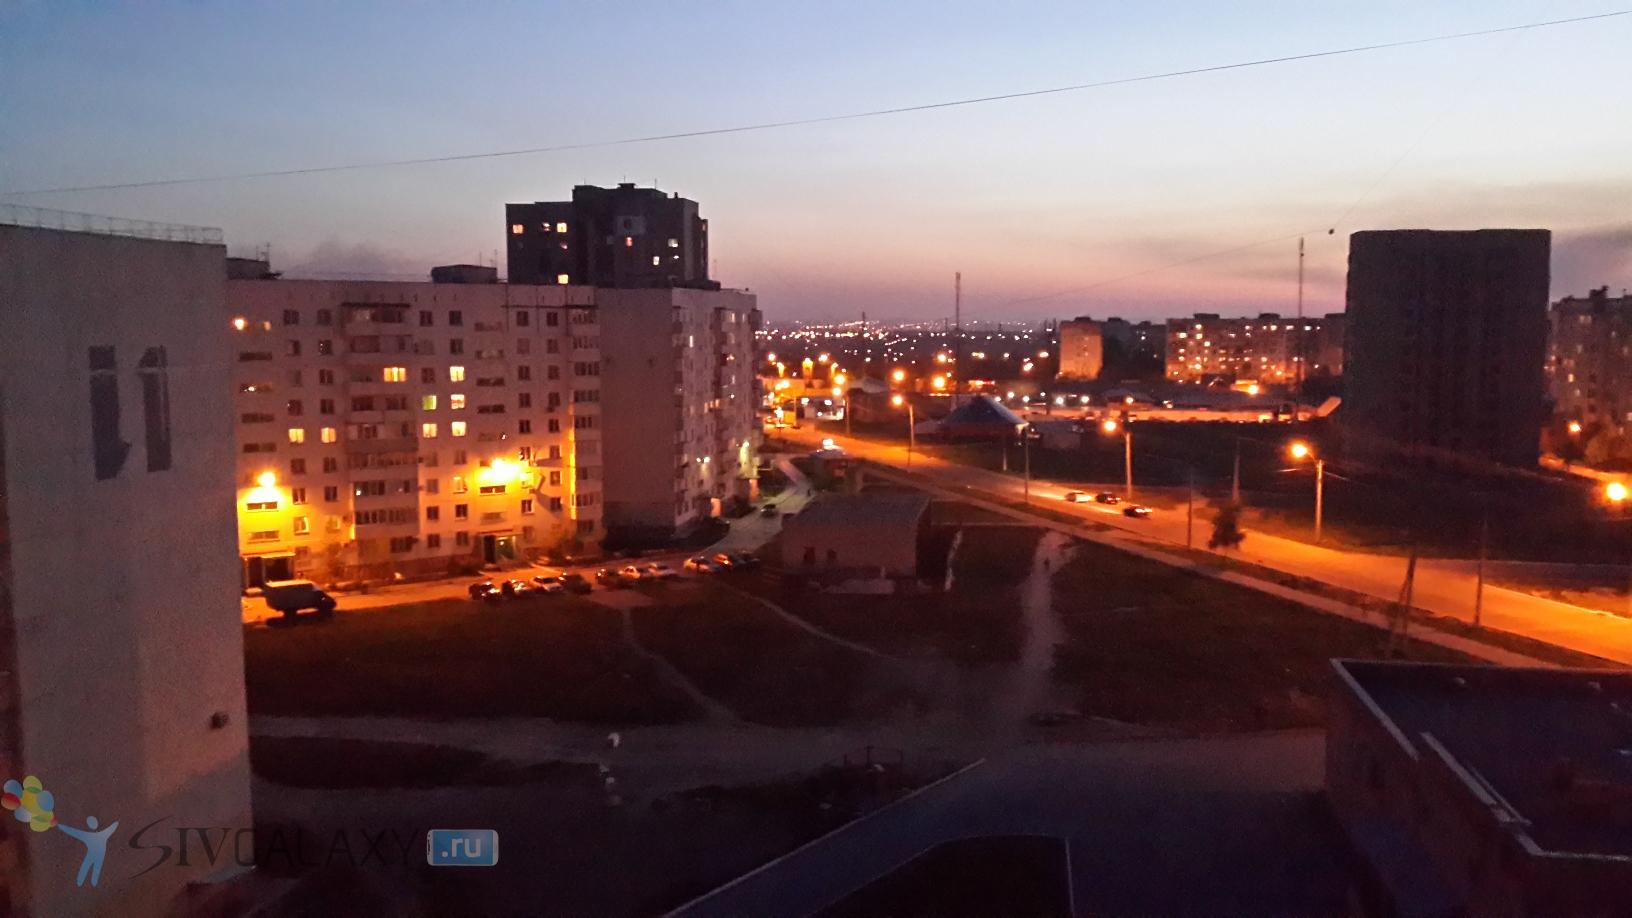 Фото с камеры Galaxy S4 - ночной режим